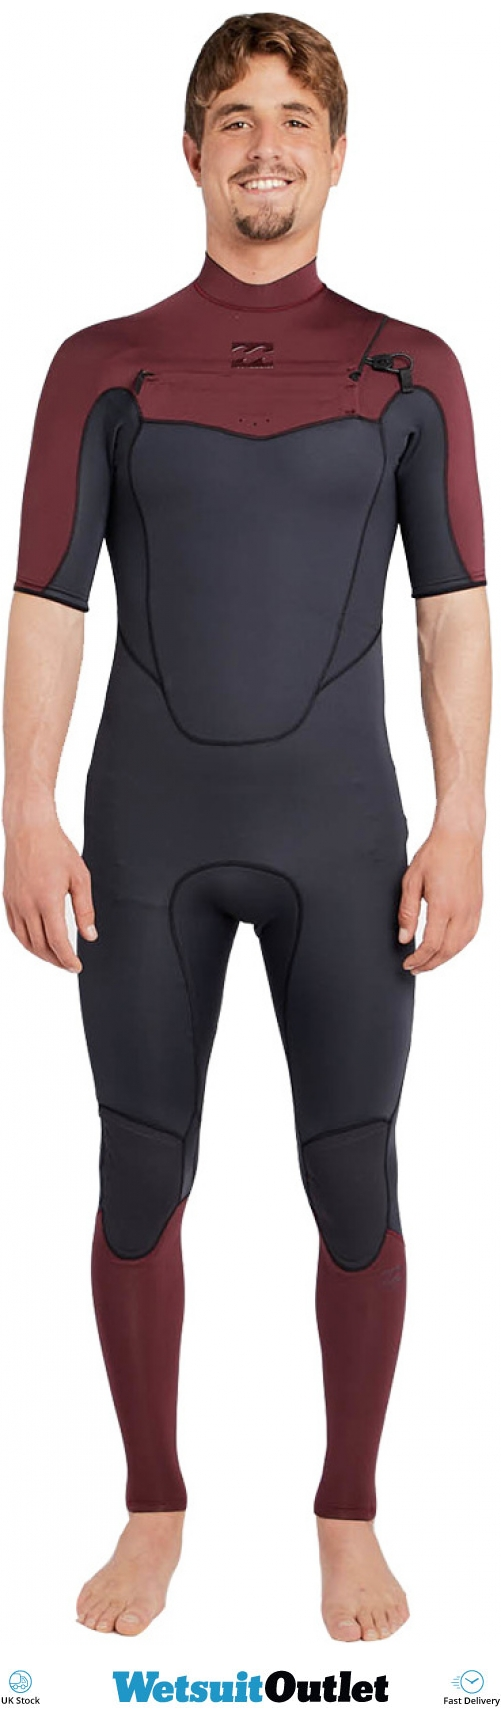 36cc27f6e4 2018 Billabong Absolute 2mm Chest Zip Short Sleeve Wetsuit Biking Red  H42m25 - Wetsuits